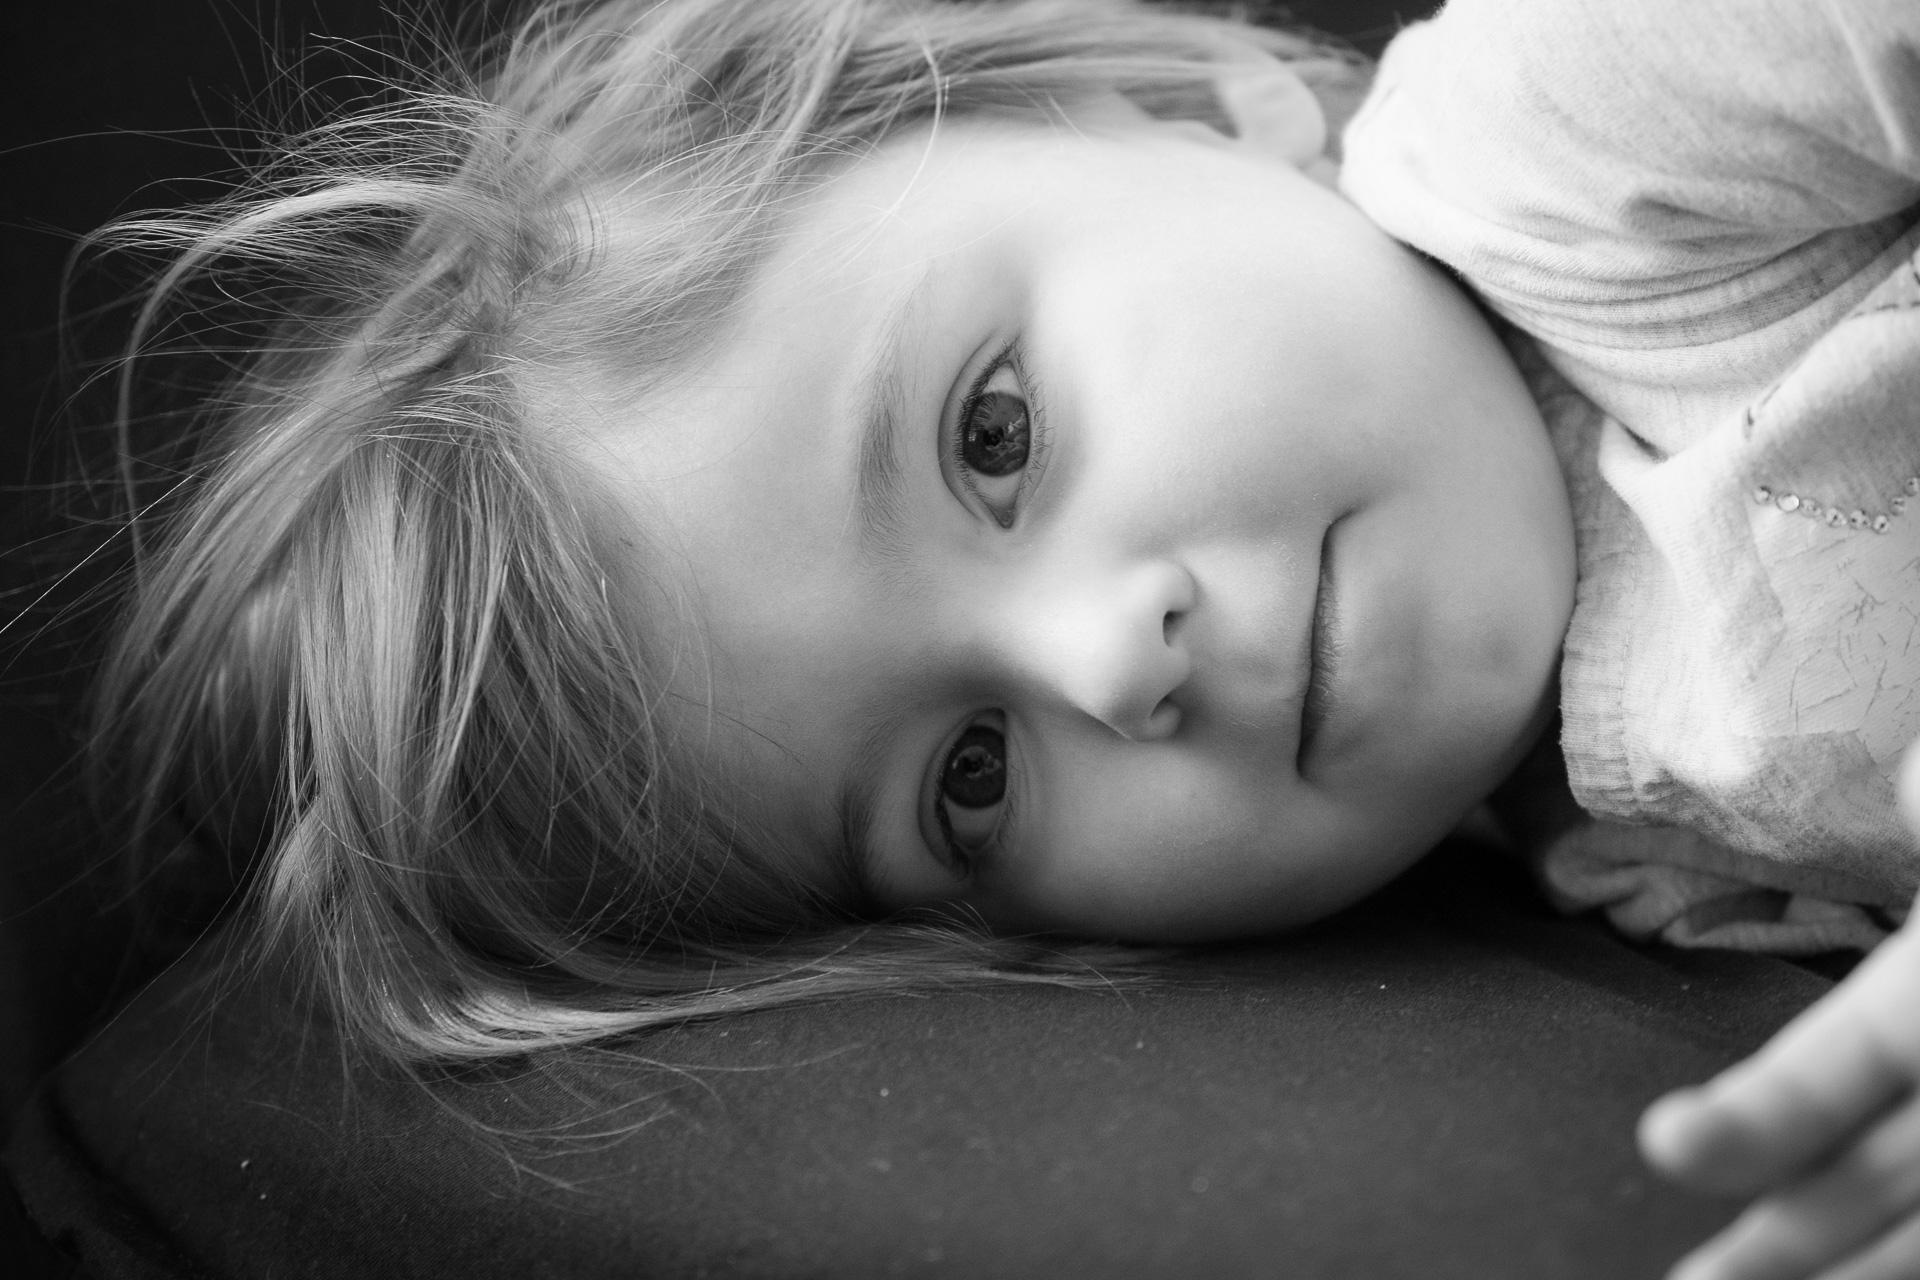 Kind schwarz weiß Aufnahme Kopf Esslingen